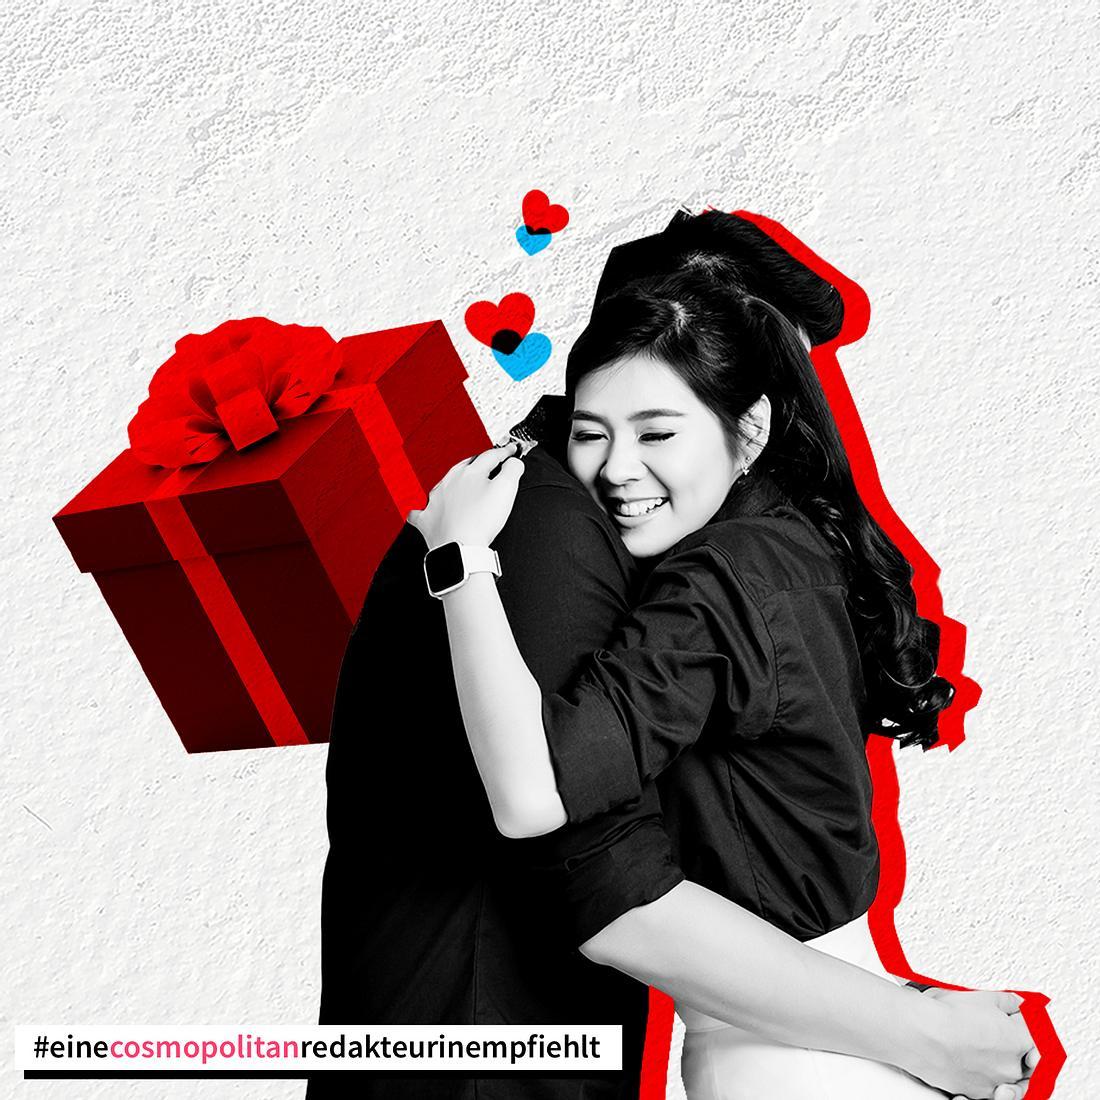 Eine Cosmopolitan-Redakteurin empfiehlt: Das ist das ideale Valentinstagsgeschenk für deine Freundin